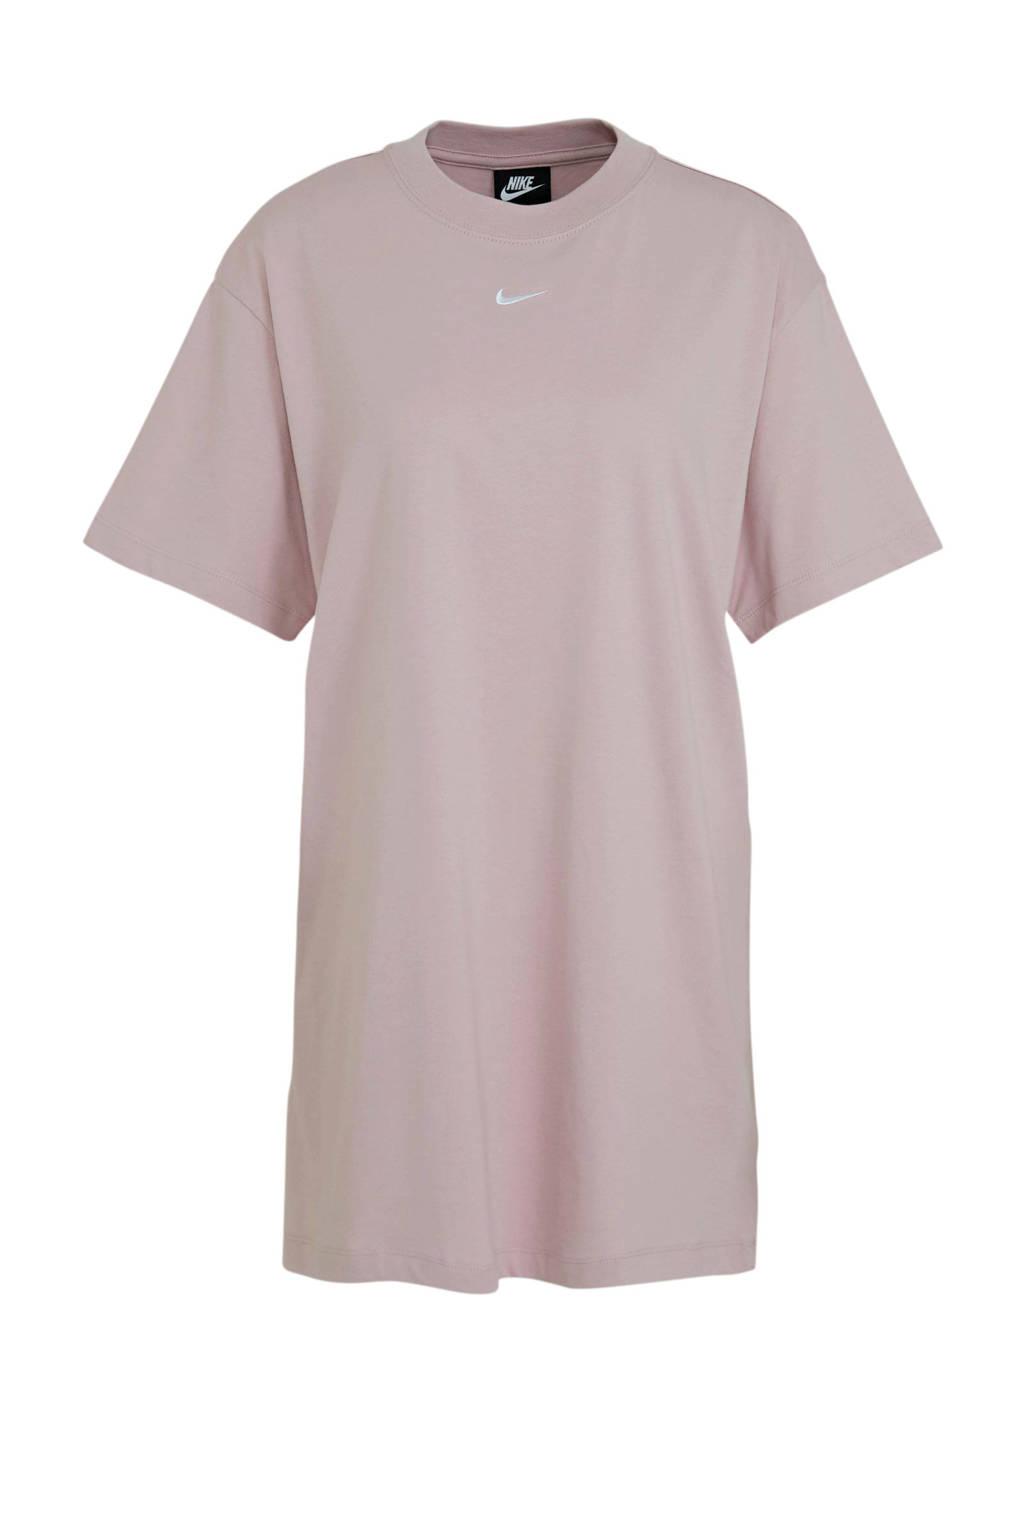 Nike T-shirt jurk lichtroze, Lichtroze